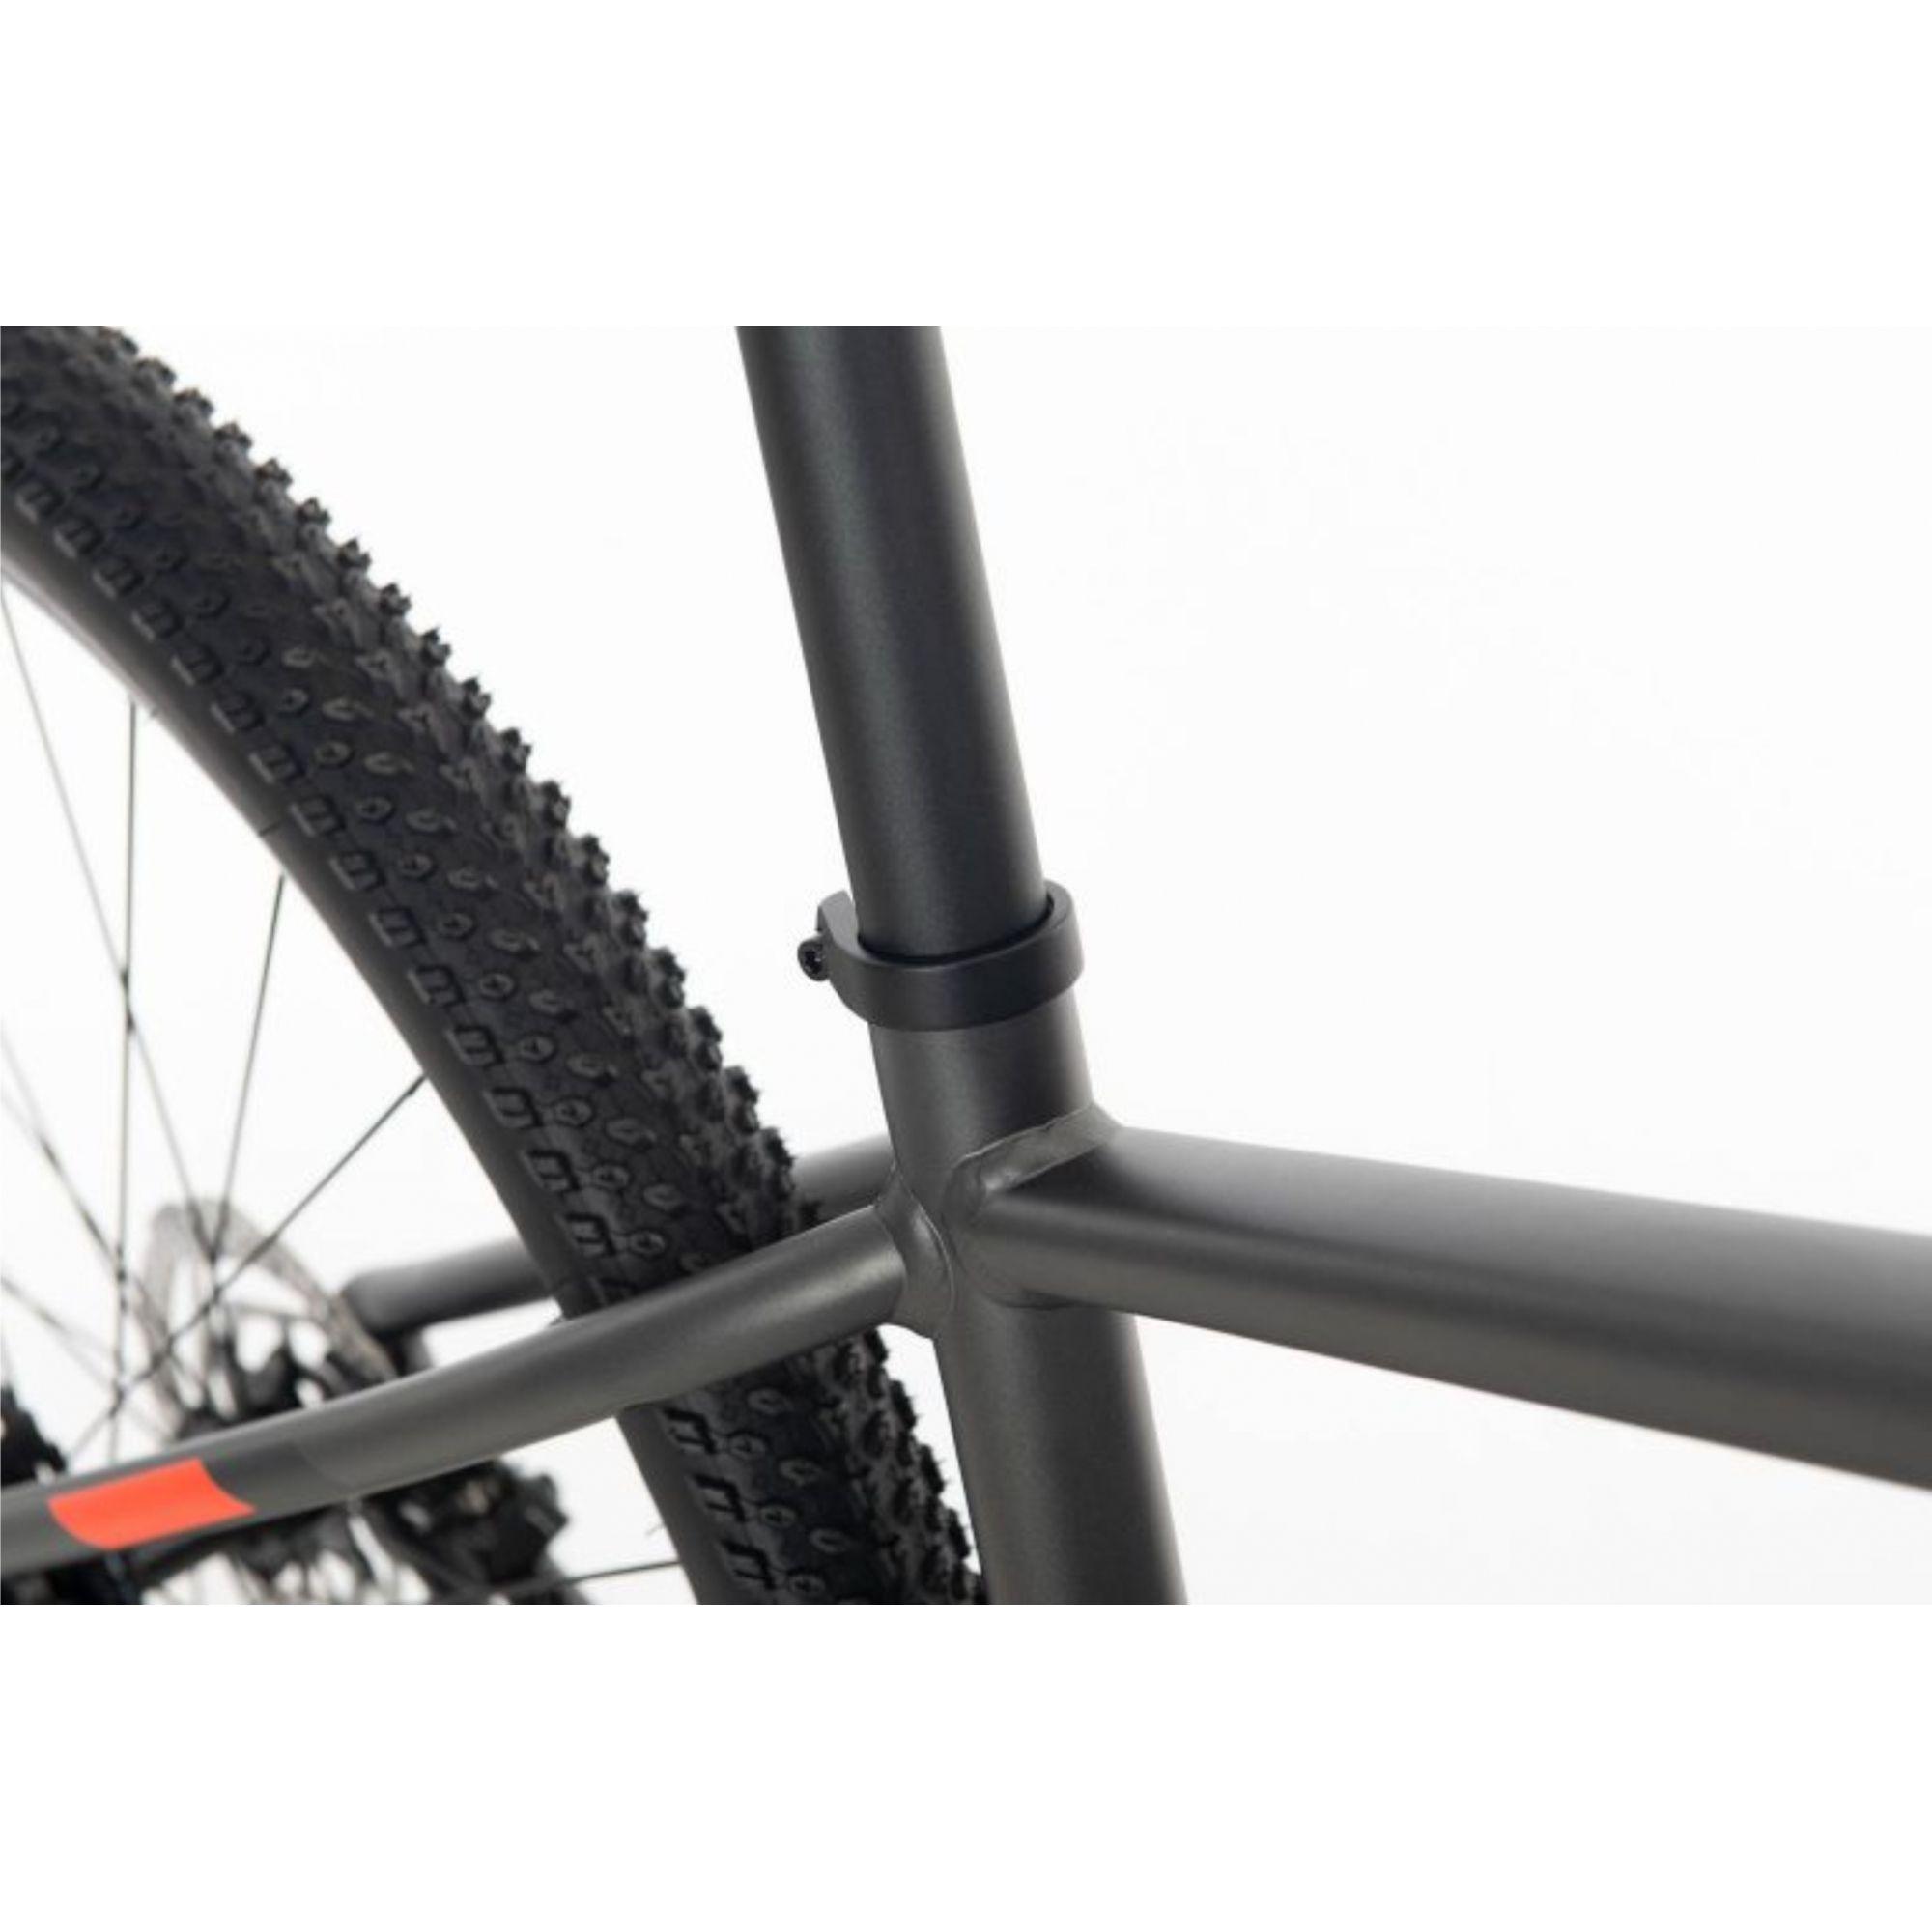 Bicicleta SENSE Rock Evo 2020 - 18v Shimano Alívio - Suspensão Rock Shox - Preto/Branco/Vermelho